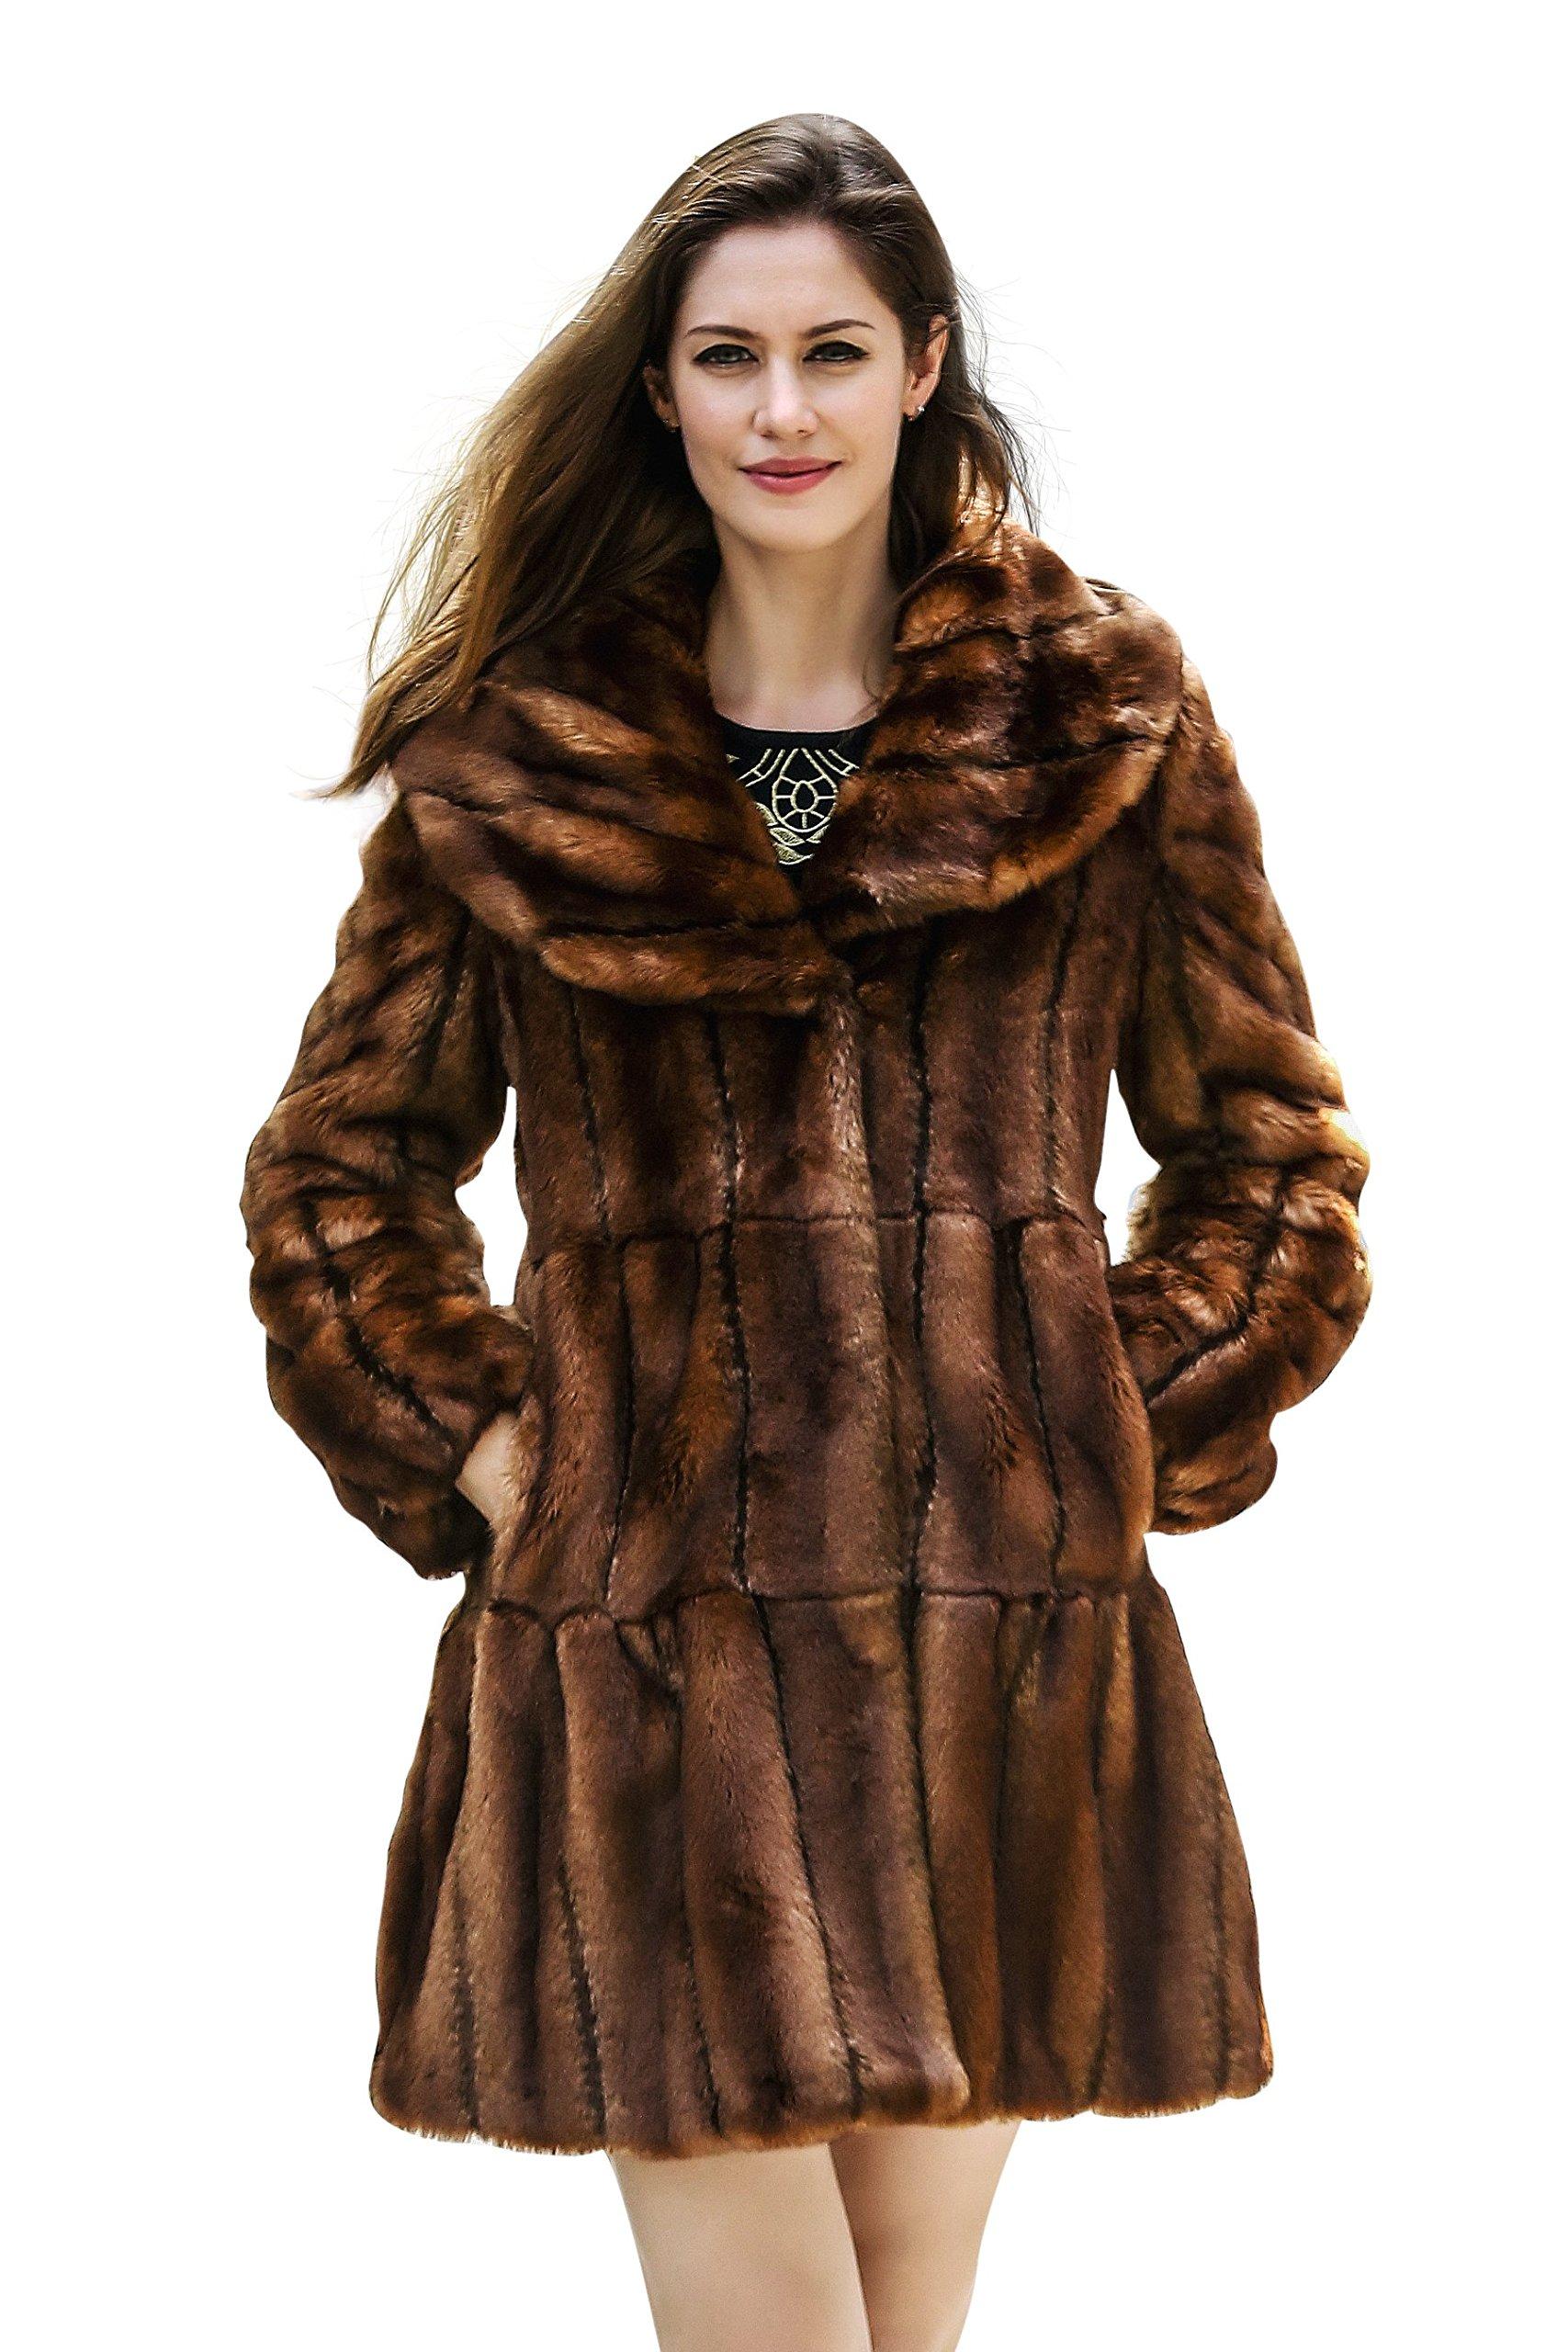 Adelaqueen Women's Vintage Brown Style Luxury Faux Fur Coat with Lotus Ruffle Collar M by Adelaqueen